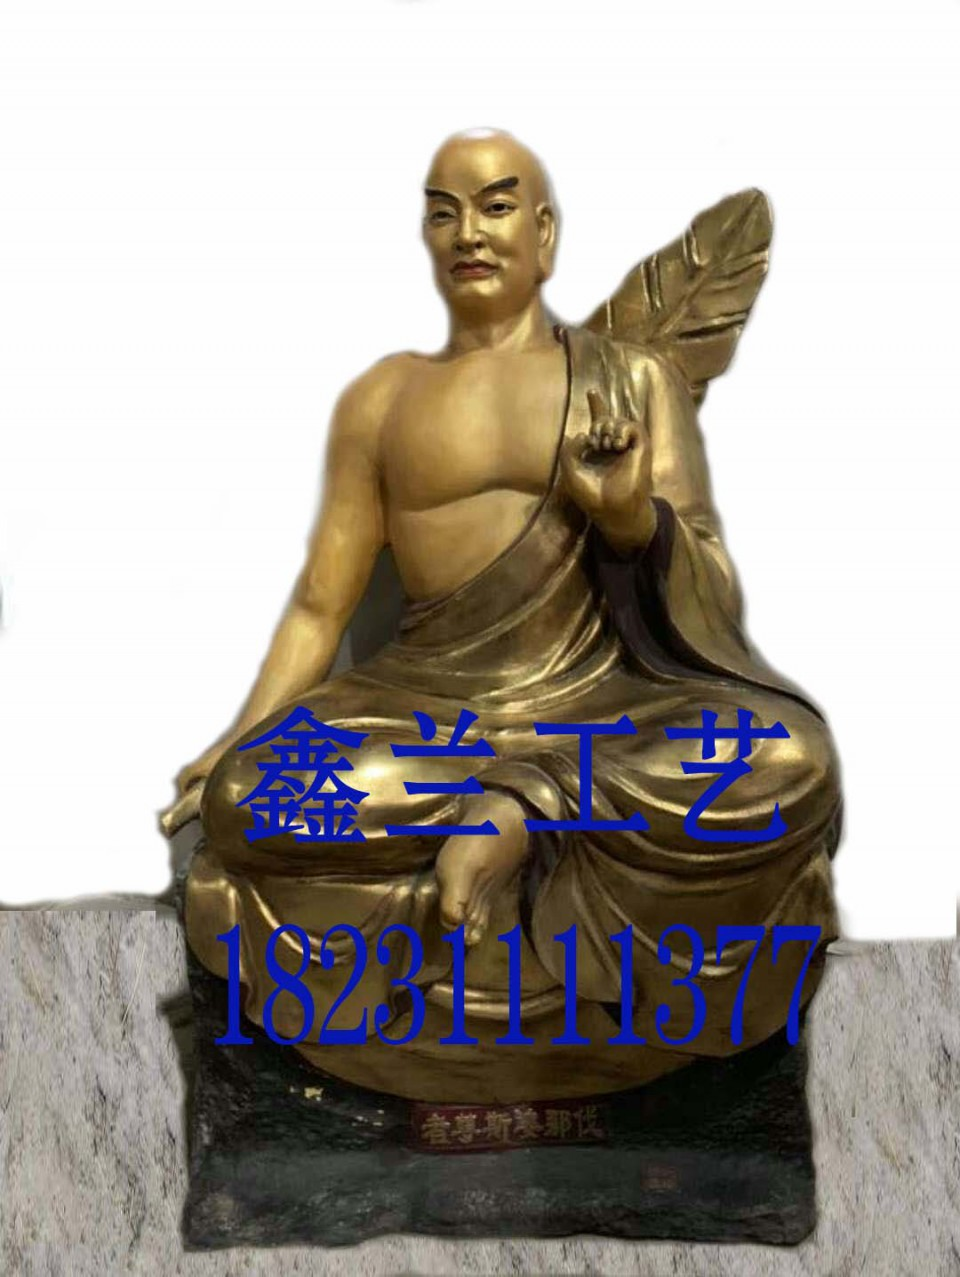 铸铜工艺铸造十八罗汉铜佛像定做铸铜十八罗汉工厂铜雕寺庙雕塑定做